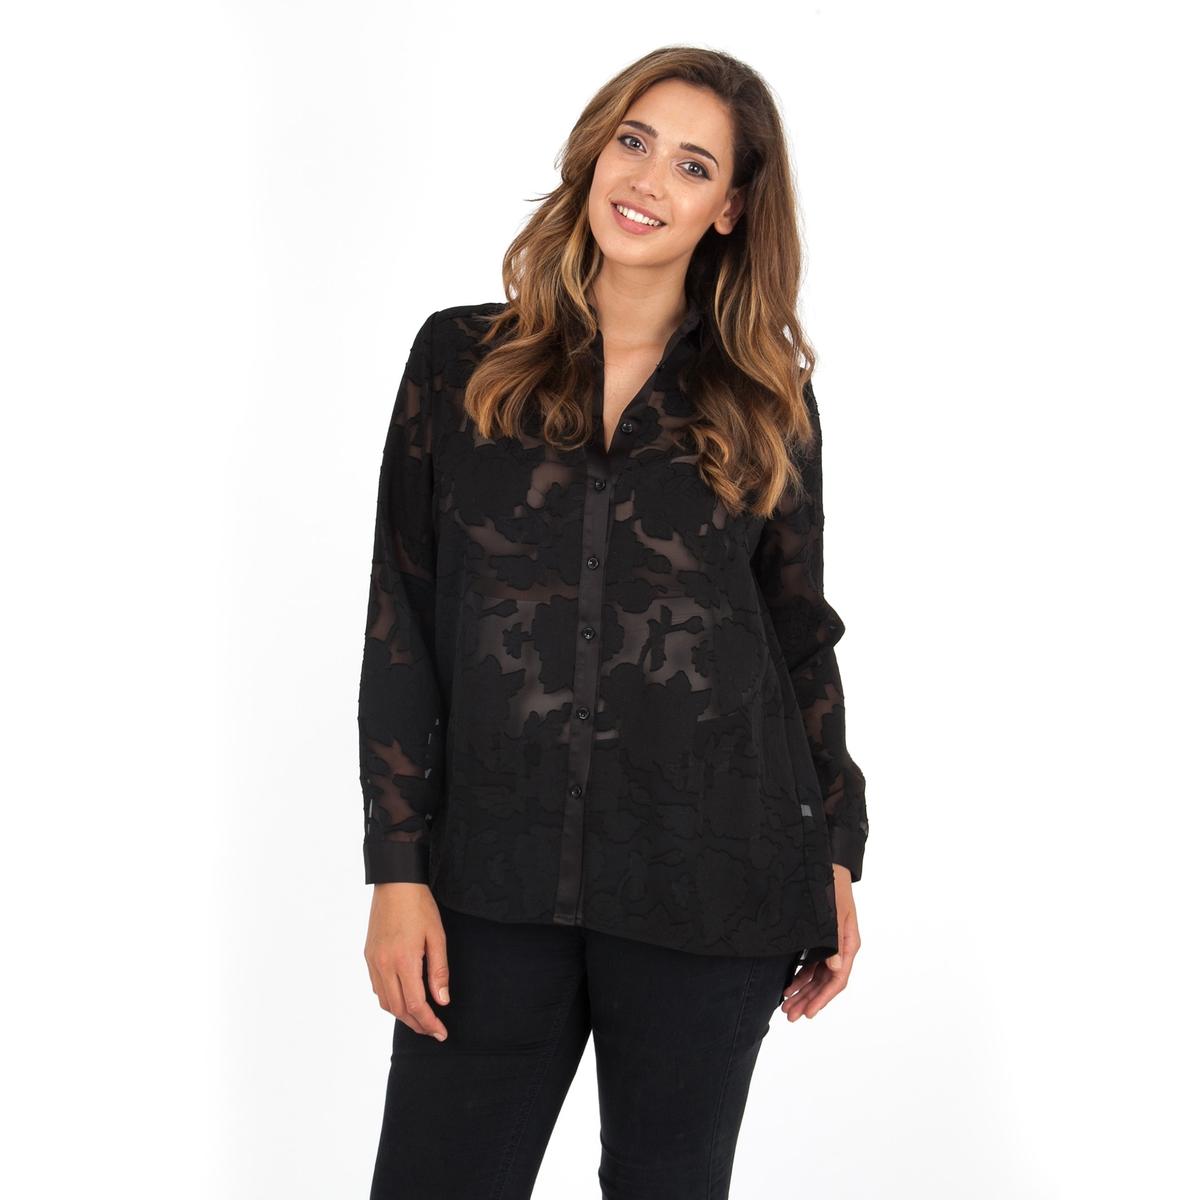 БлузкаБлузка с длинными рукавами LOVEDROBE . Красивая прозрачная блузка, которую можно носить с топом снизу . Рубашечный воротник. 100% полиэстер.<br><br>Цвет: черный